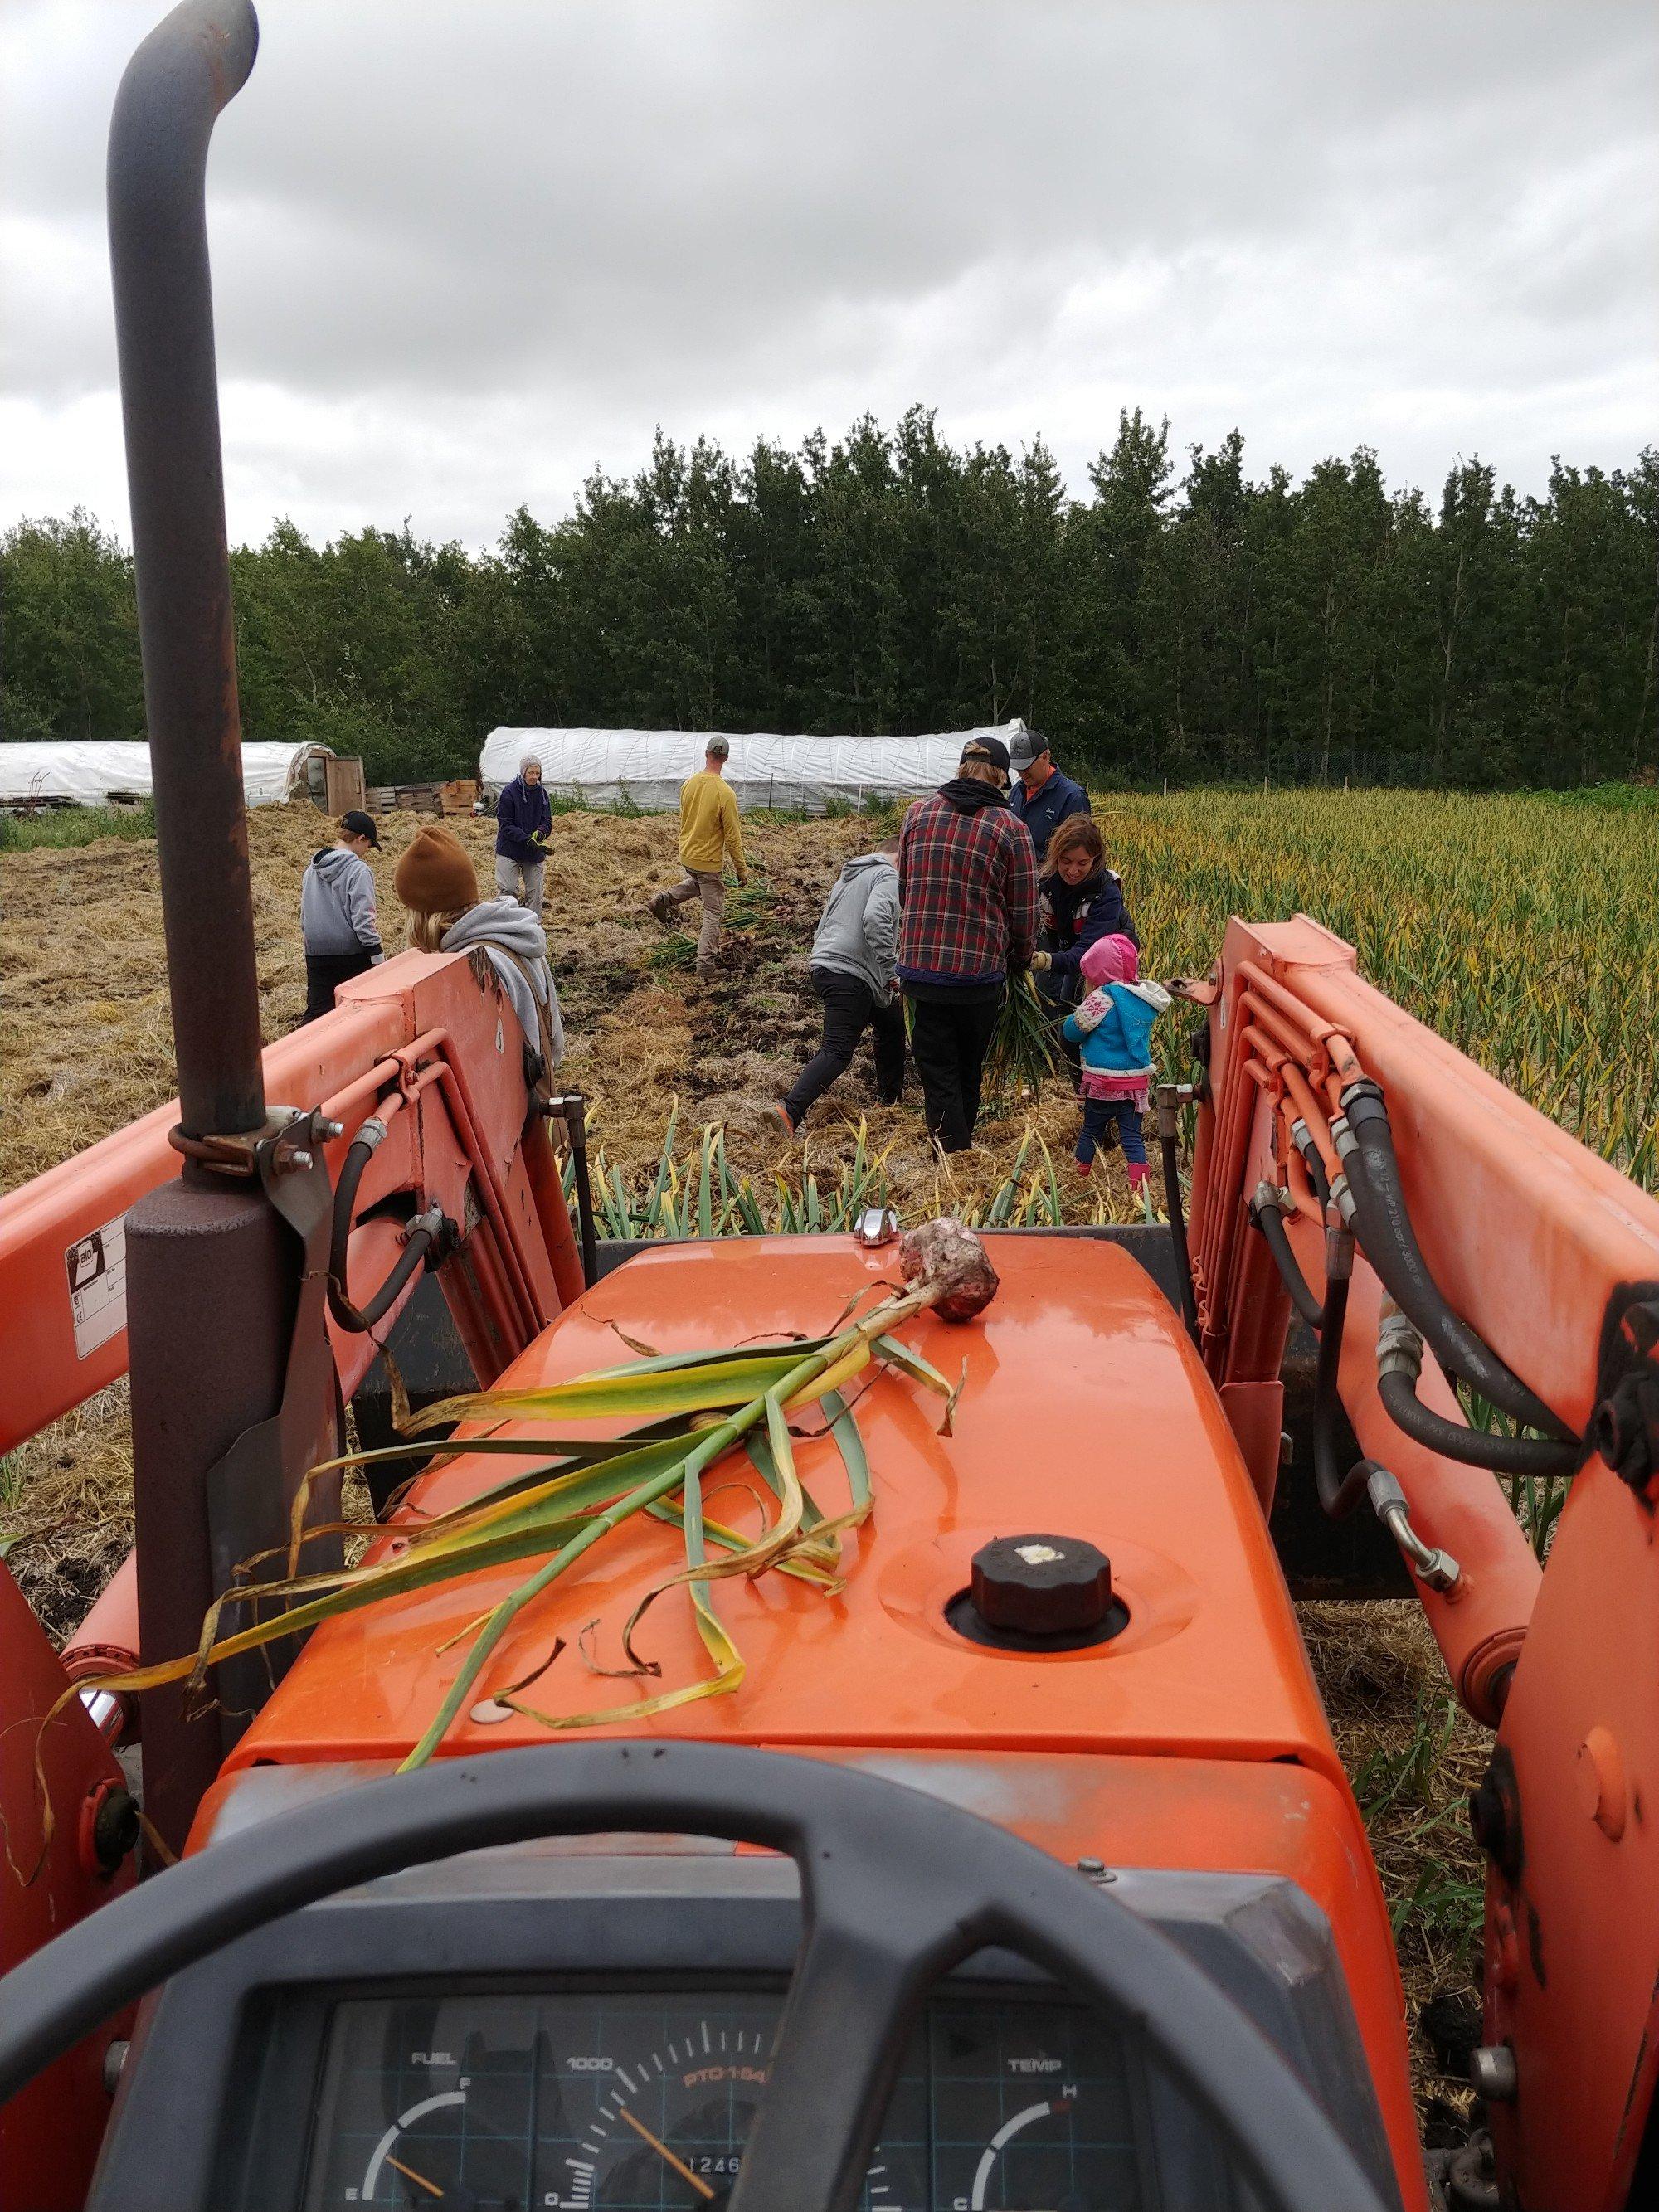 Next Happening: Farm Happenings for September 10, 2019